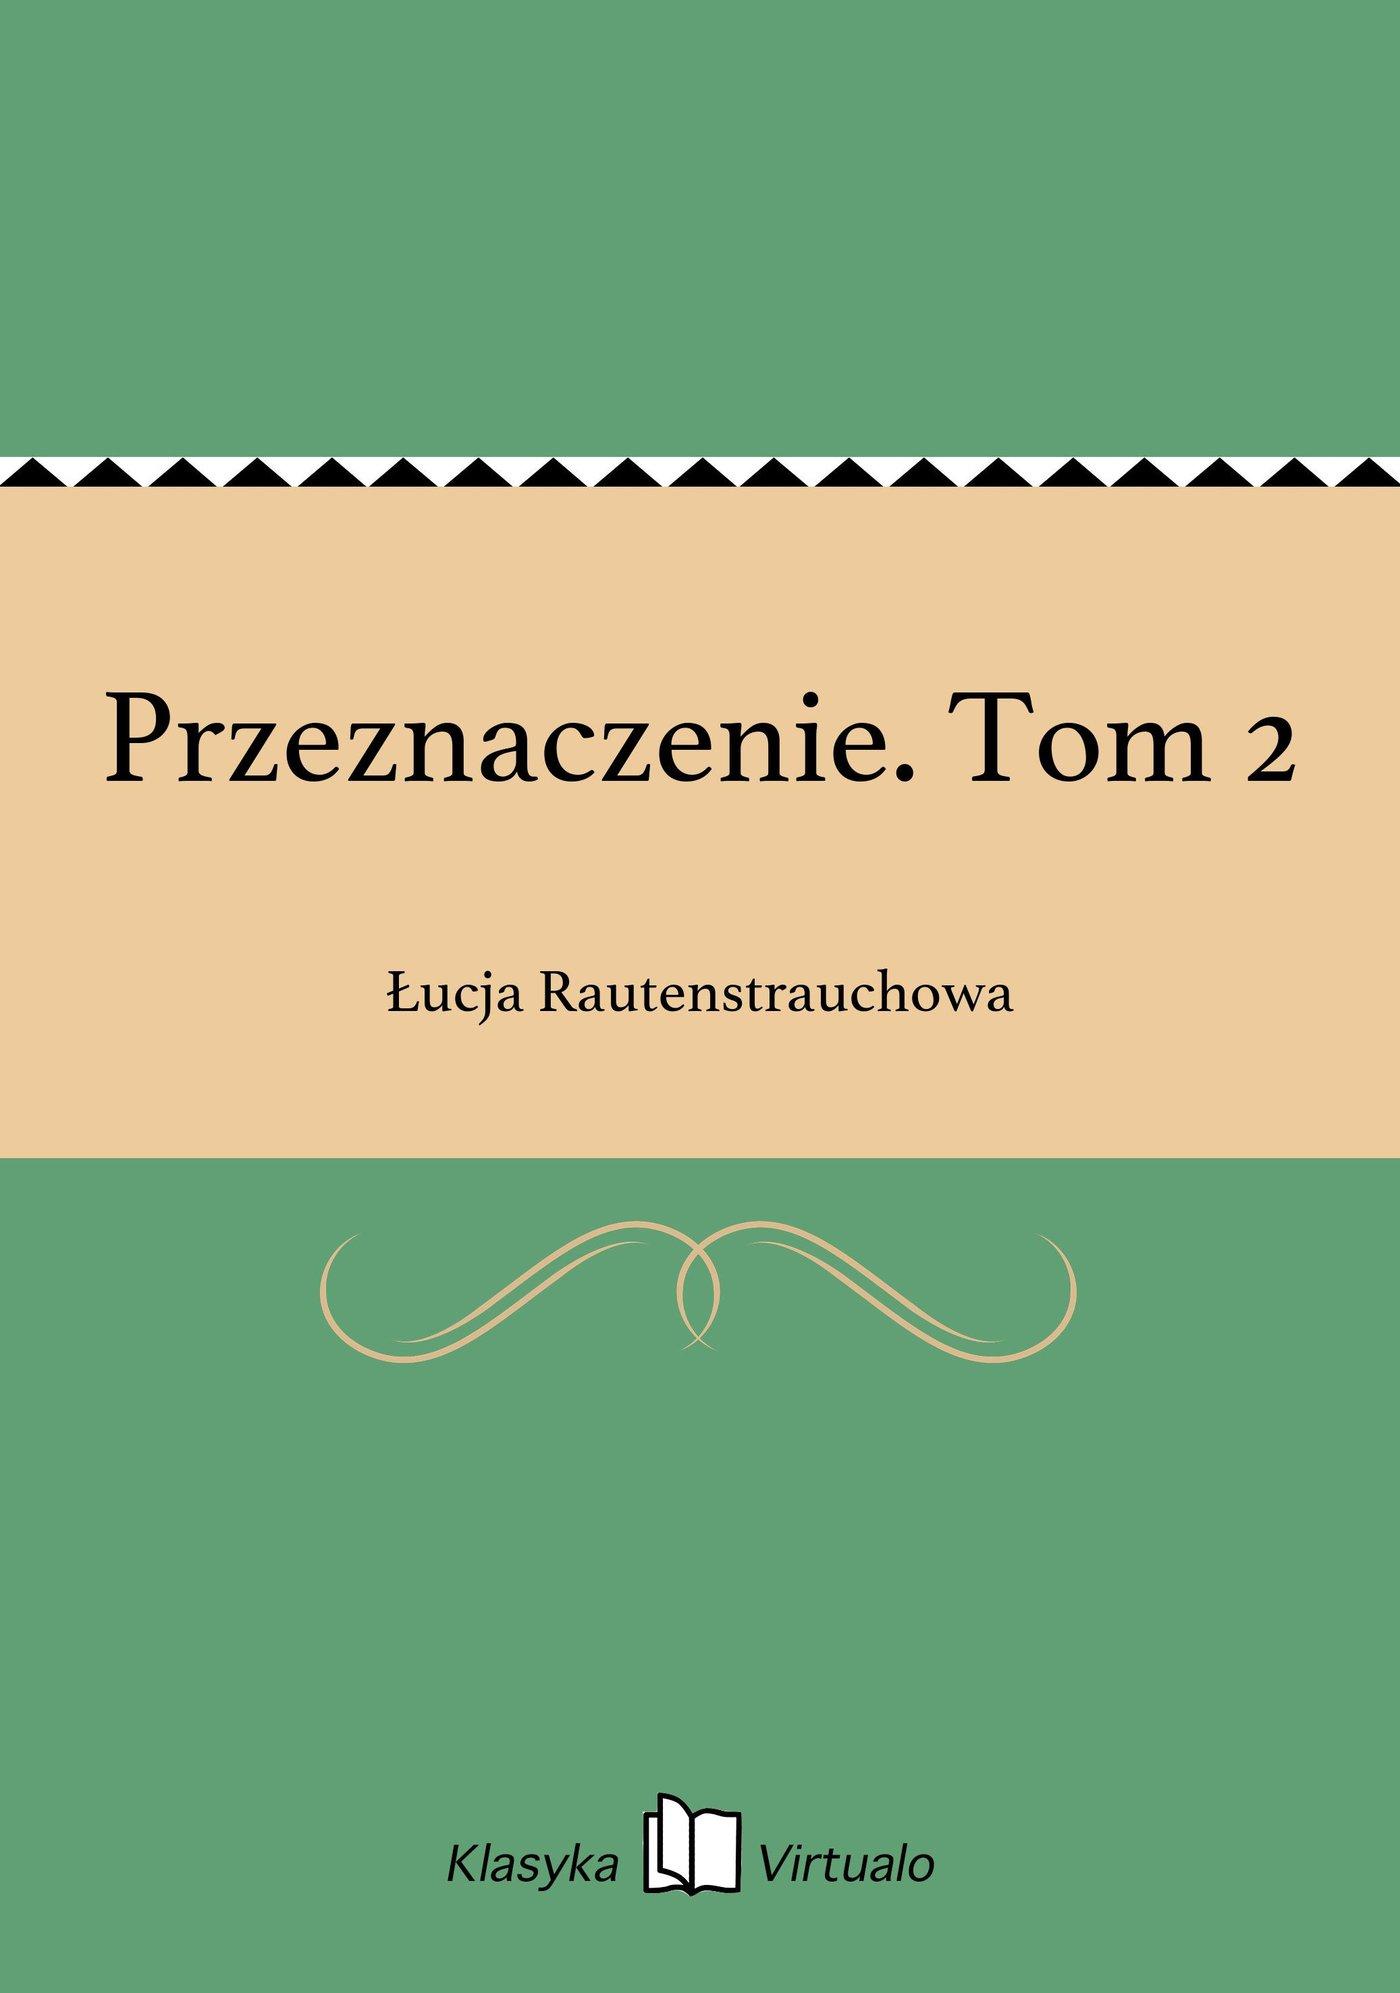 Przeznaczenie. Tom 2 - Ebook (Książka na Kindle) do pobrania w formacie MOBI